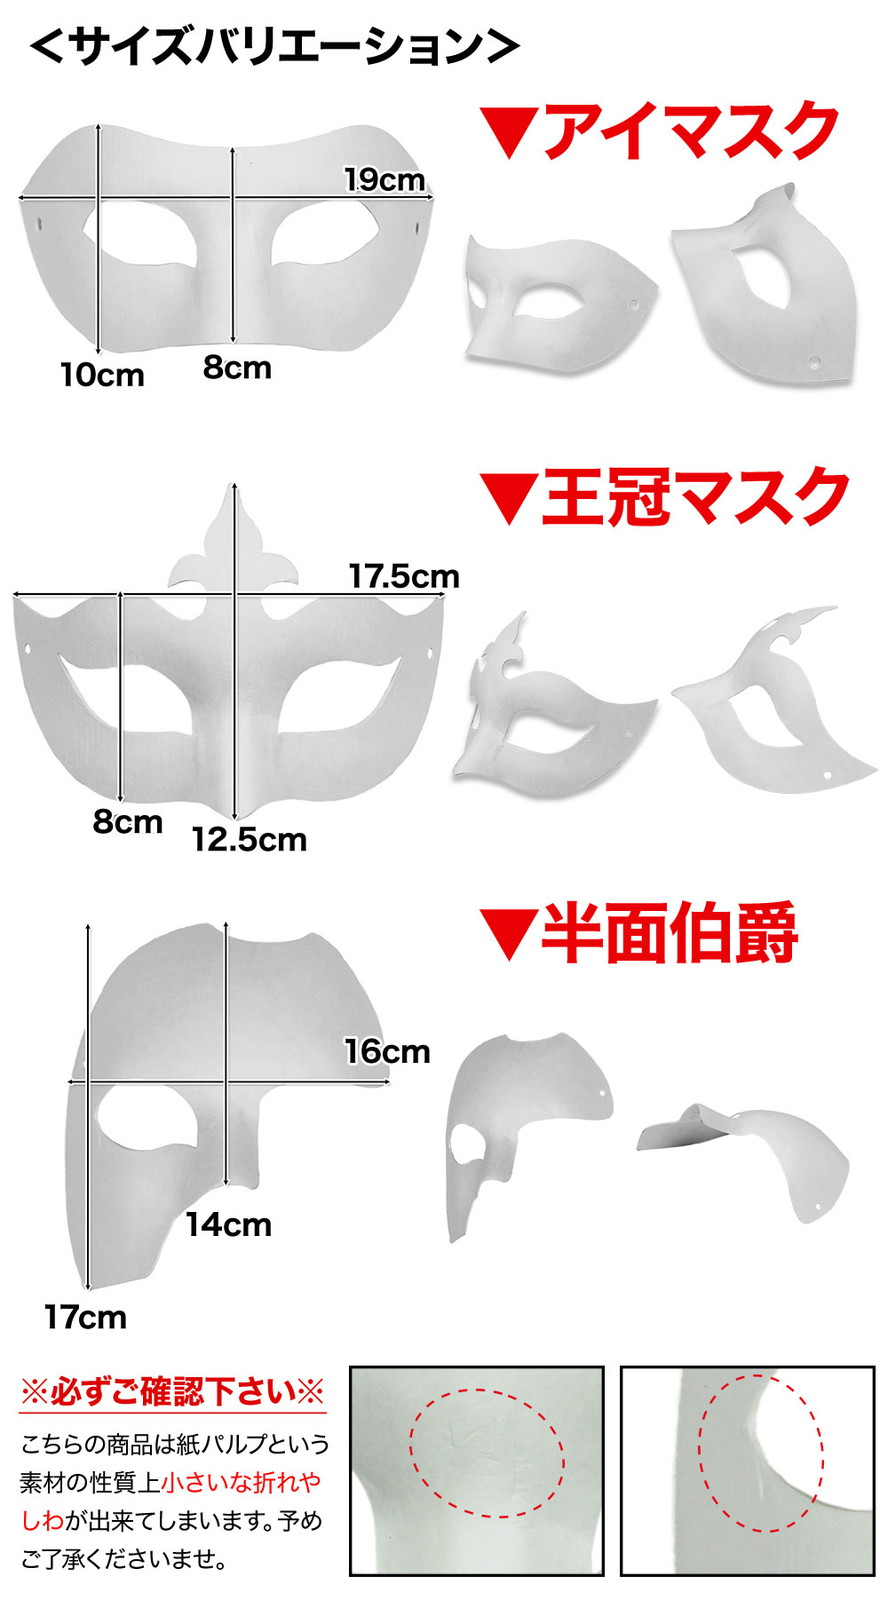 【訳あり】 お面 ホワイトマスク アイマスク 仮面 無地 ペイント 紙パルプ製 50枚セット